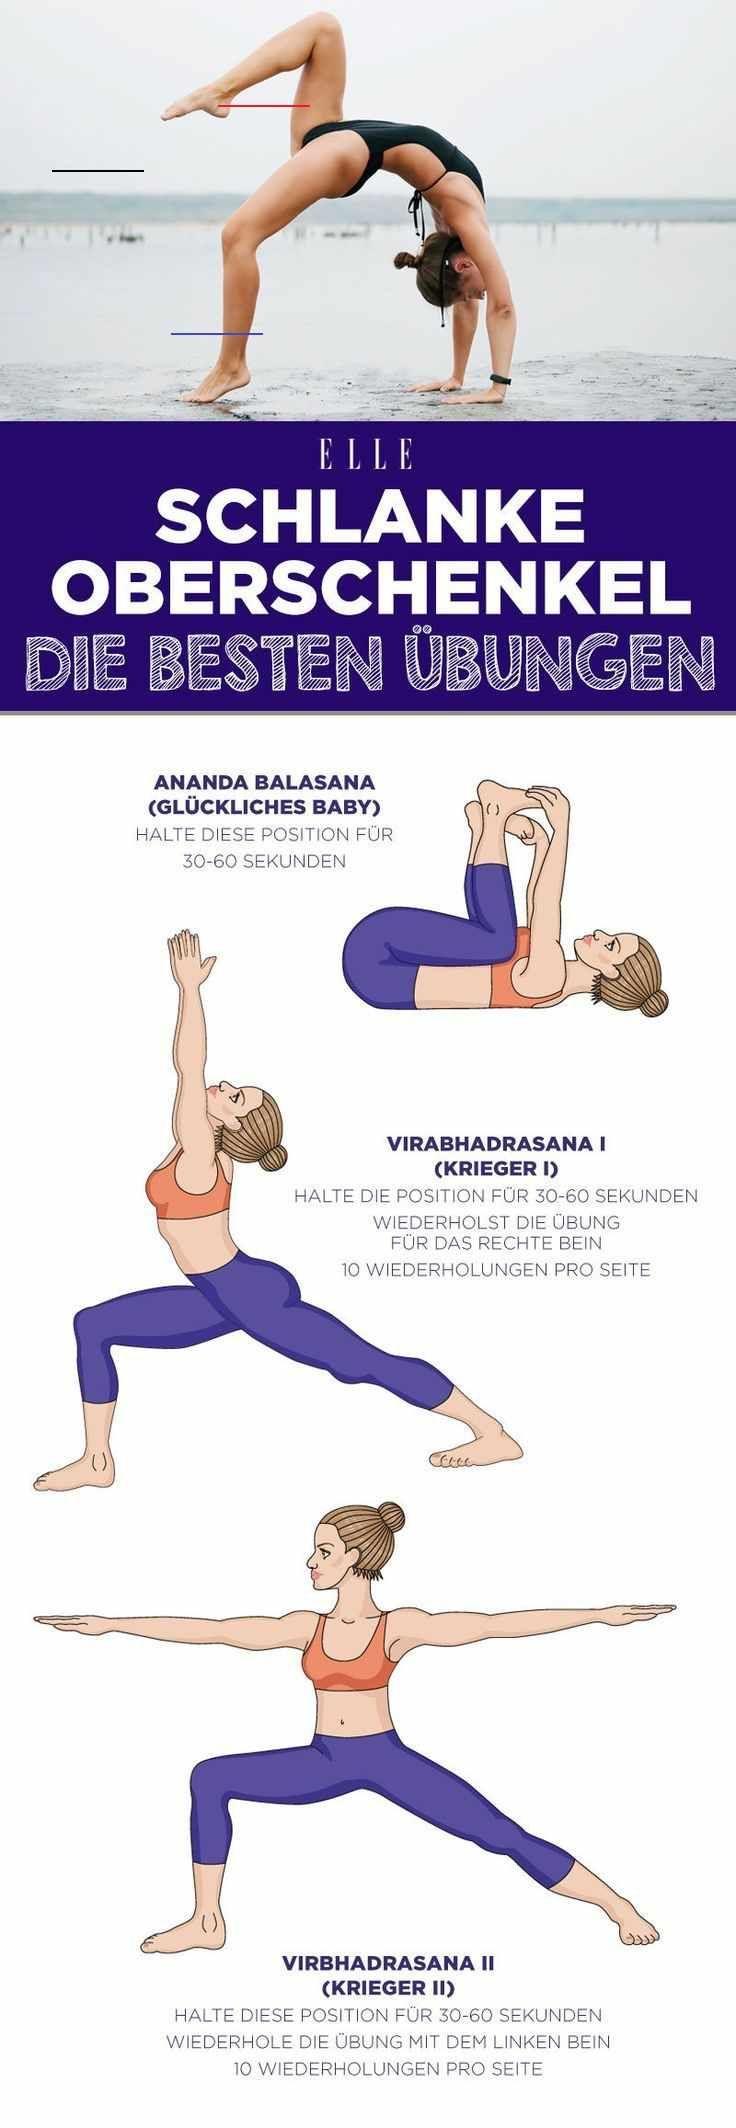 Schlanke Oberschenkel: 3 einfache Yoga-Übungen, die sofort helfen Schlanke Oberschenkel: 3 einfache...